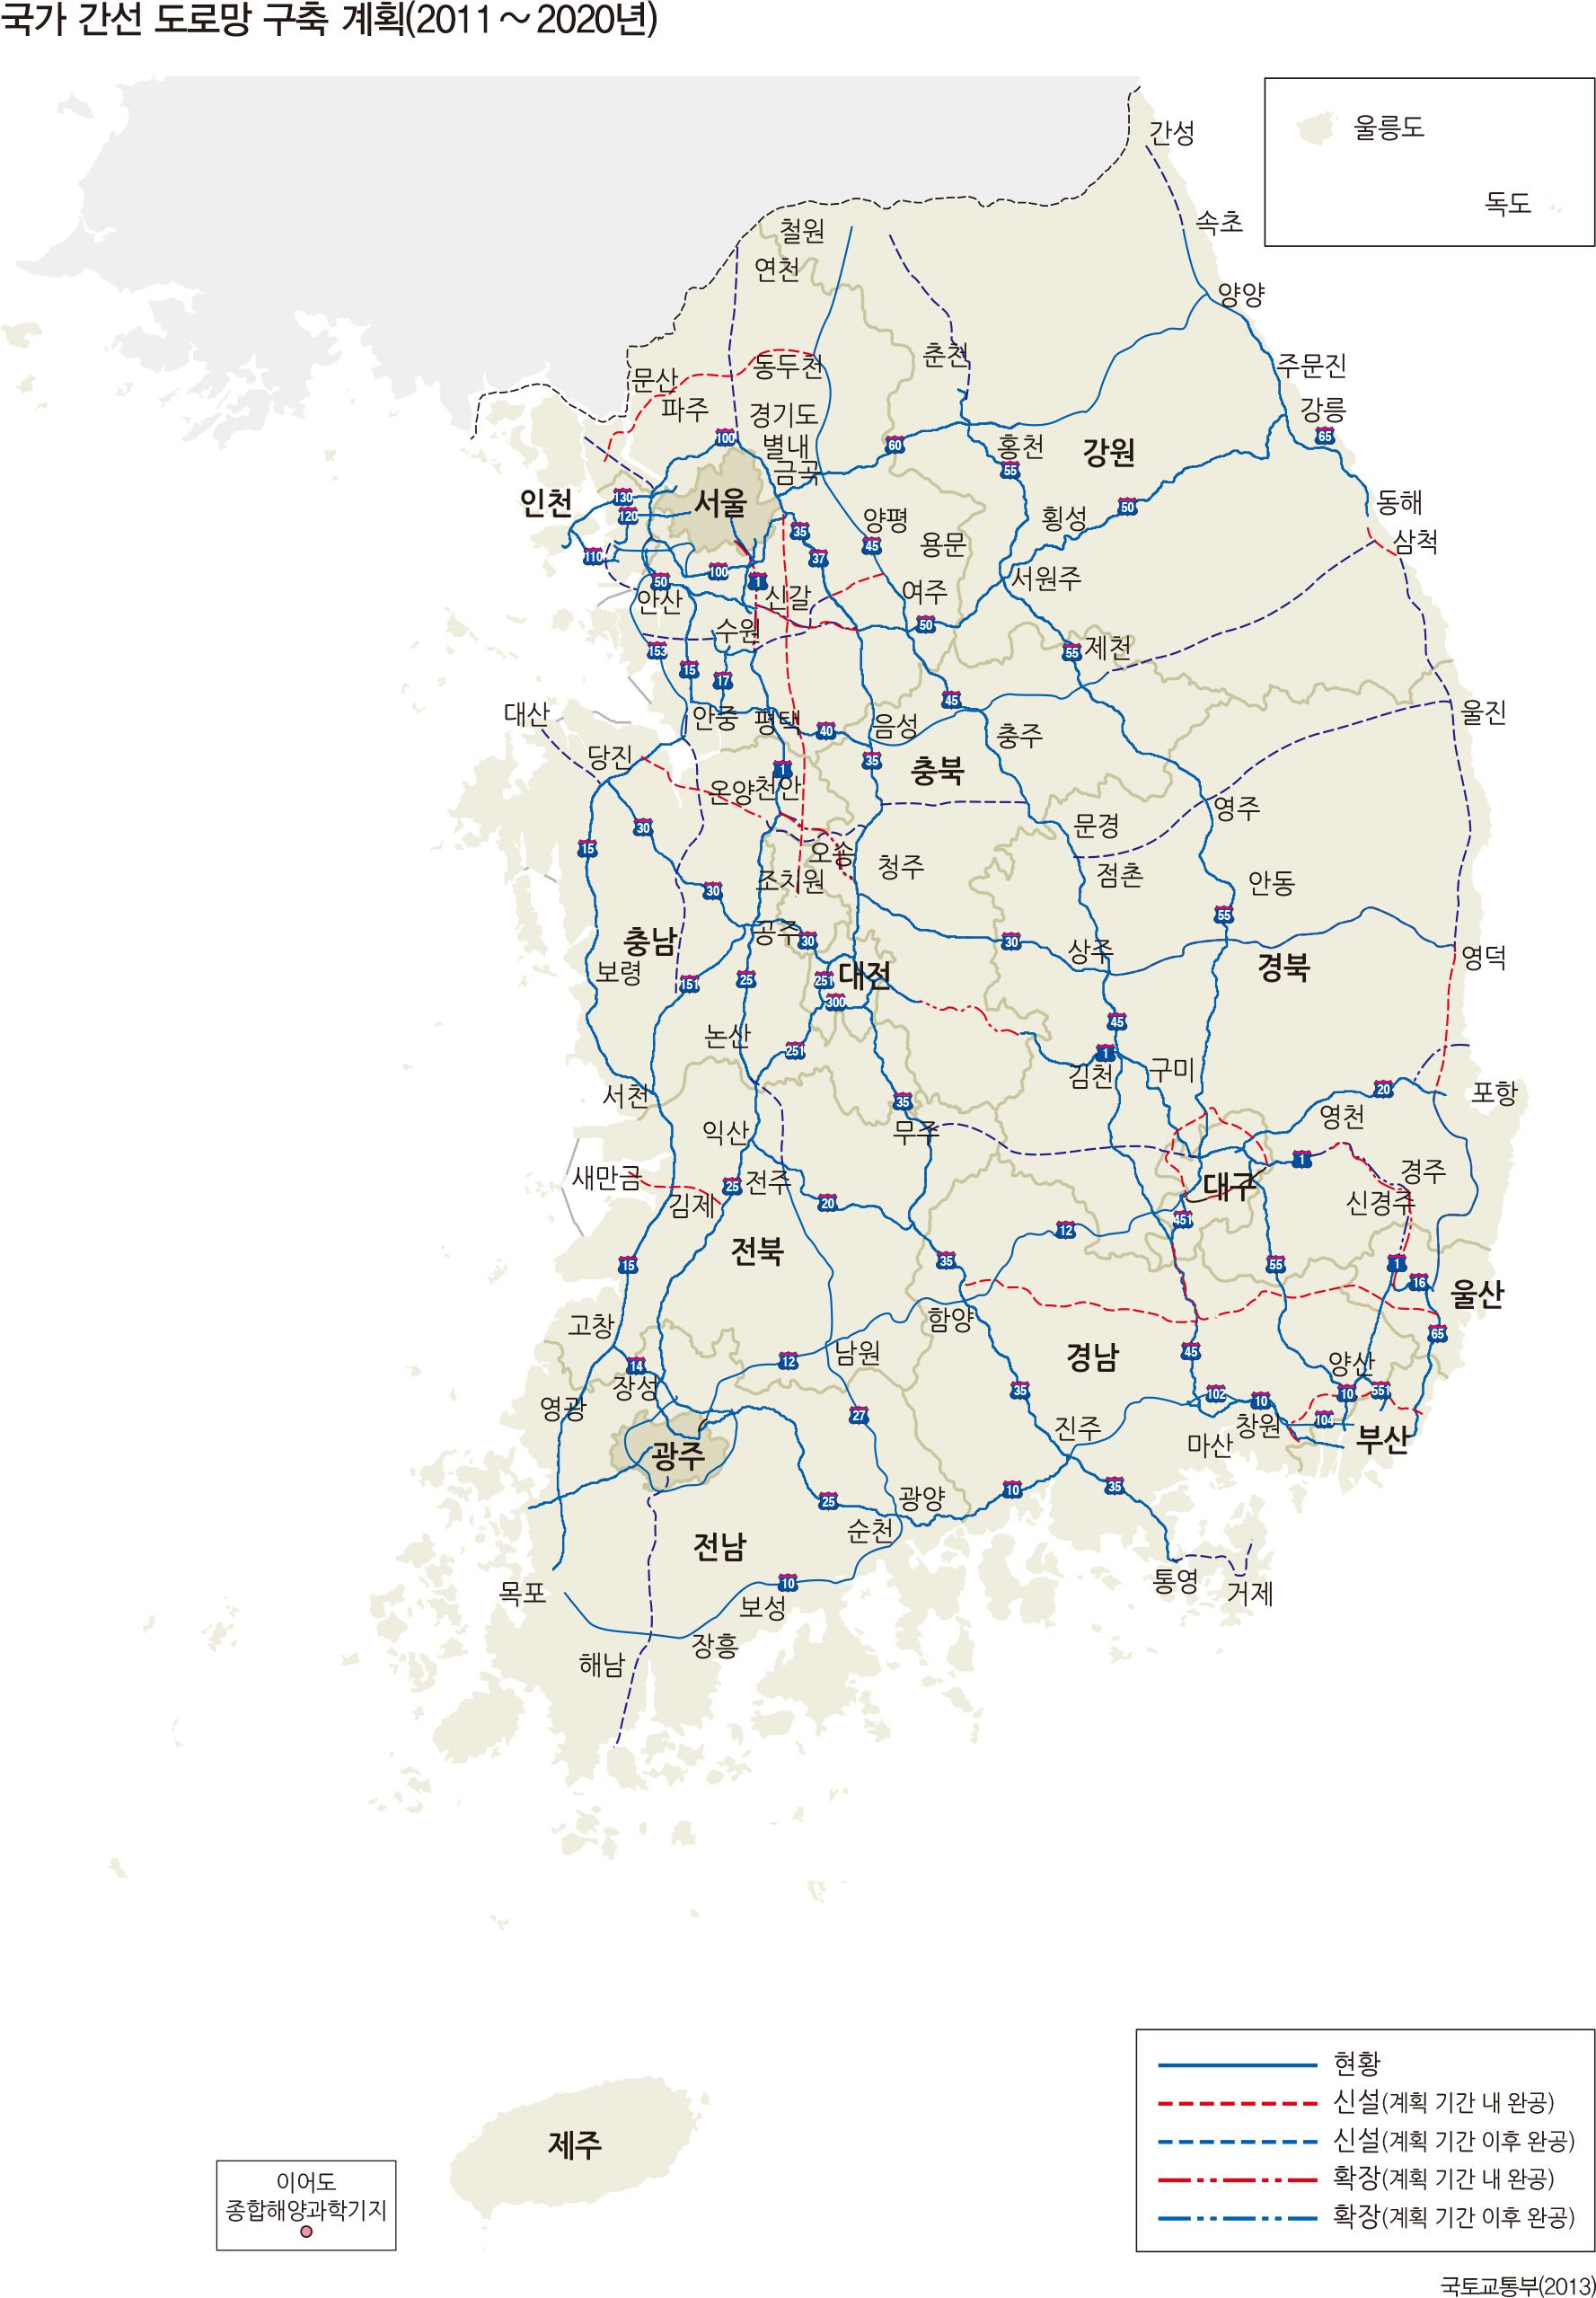 국가 간선 도로망 구축 계획(2011 ~ 2020년)